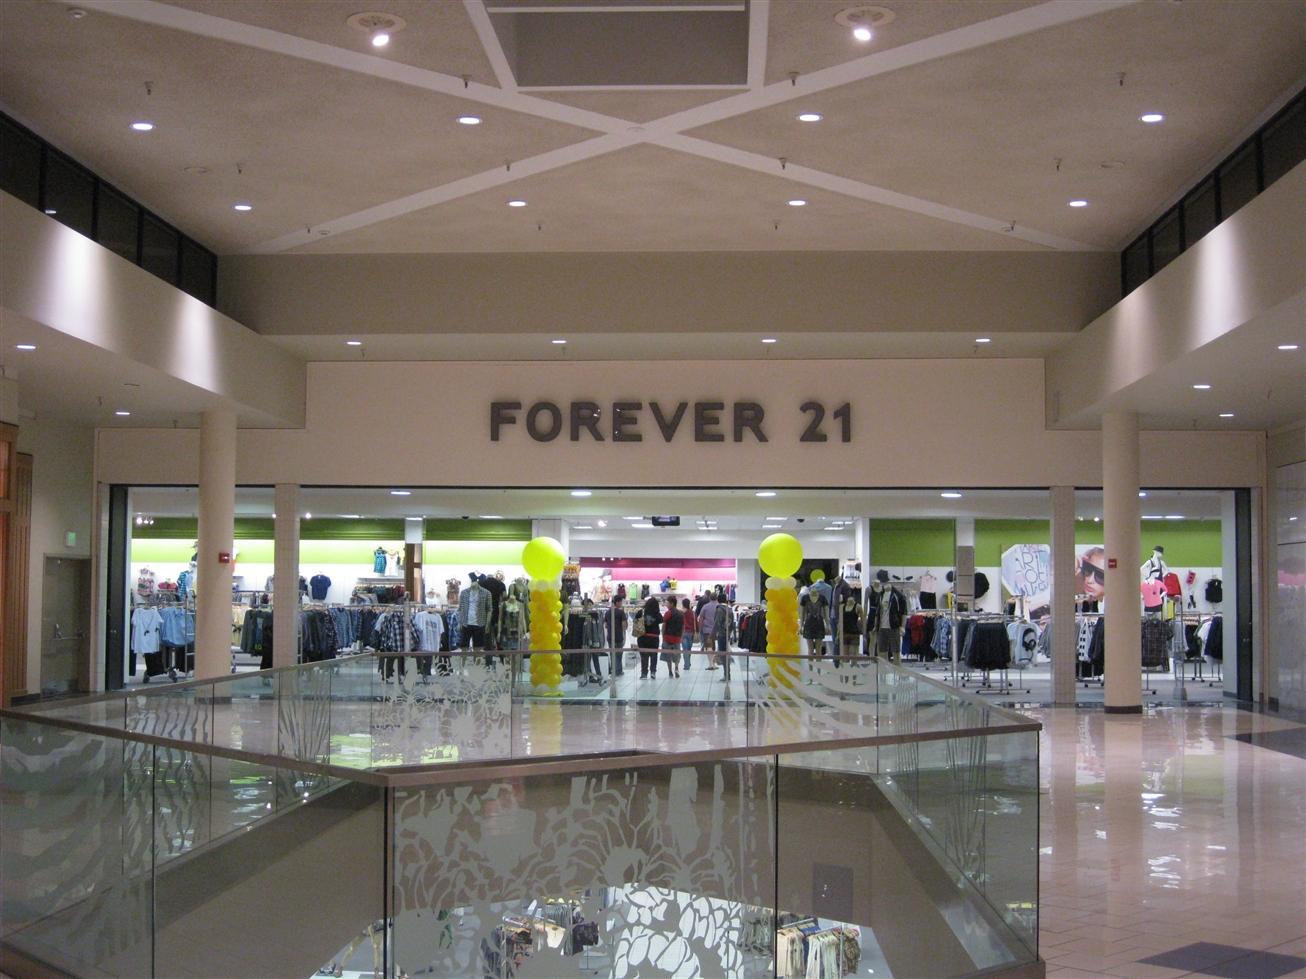 Tucson Mall Forever 21 in Tucson, AZ